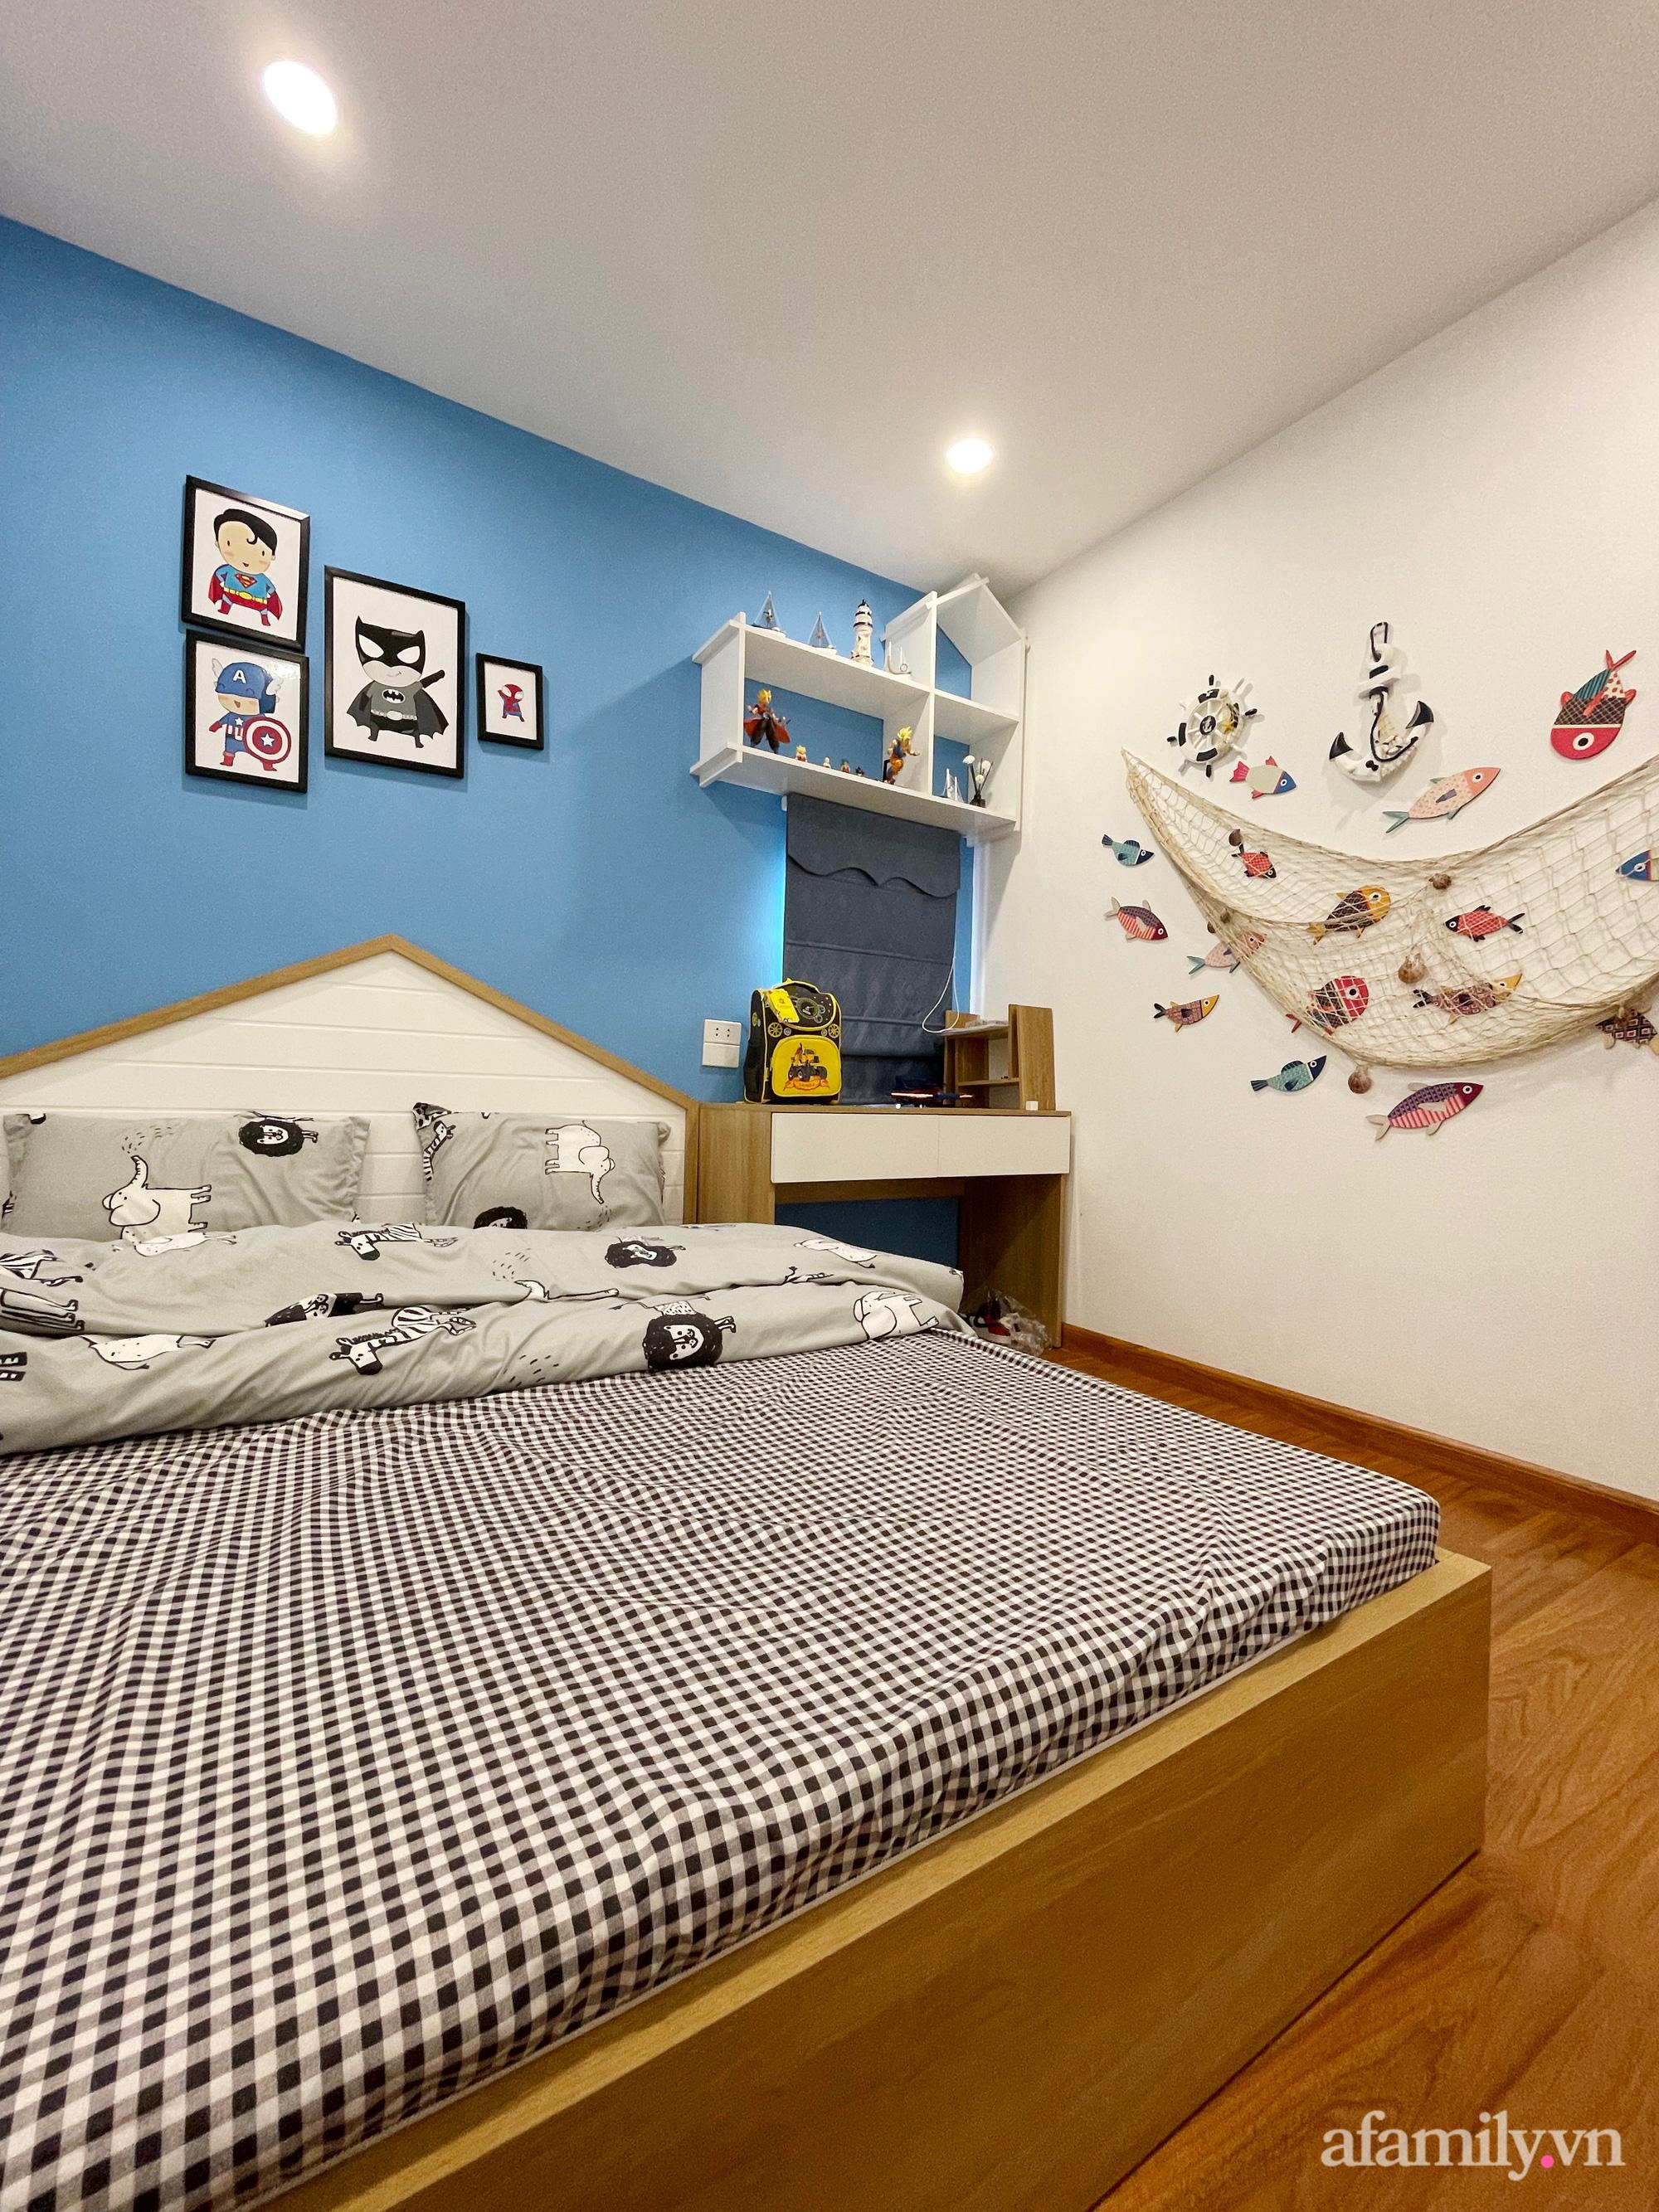 Căn nhà 58m2 được xây dựng đầy đủ chức năng hiện đại của cặp vợ chồng Bắc Ninh có tổng lương 25 triệu/tháng - Ảnh 14.